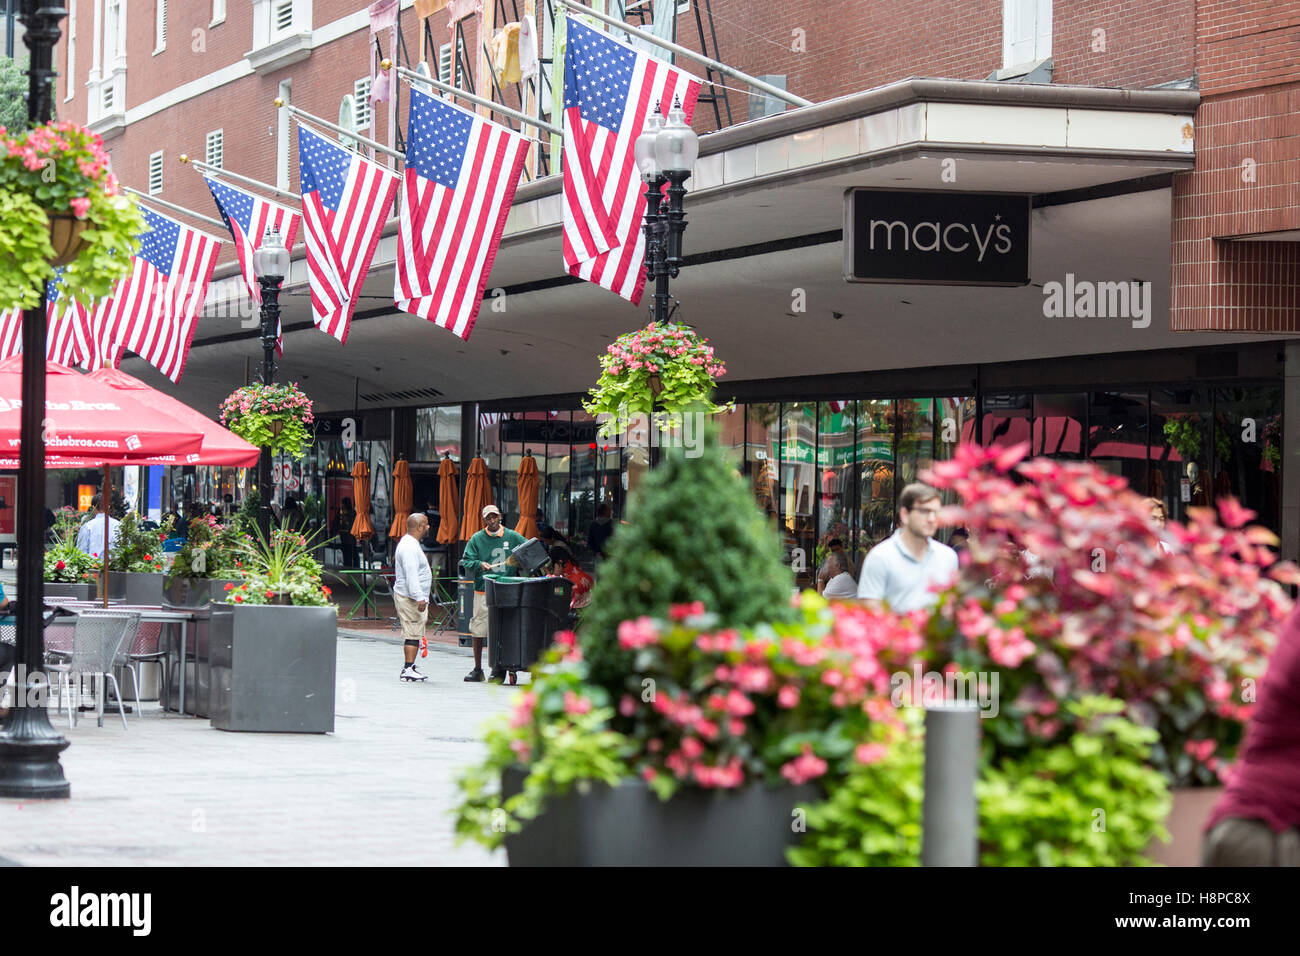 Boston Massachusetts Estados Unidos tienda Macy's. Imagen De Stock